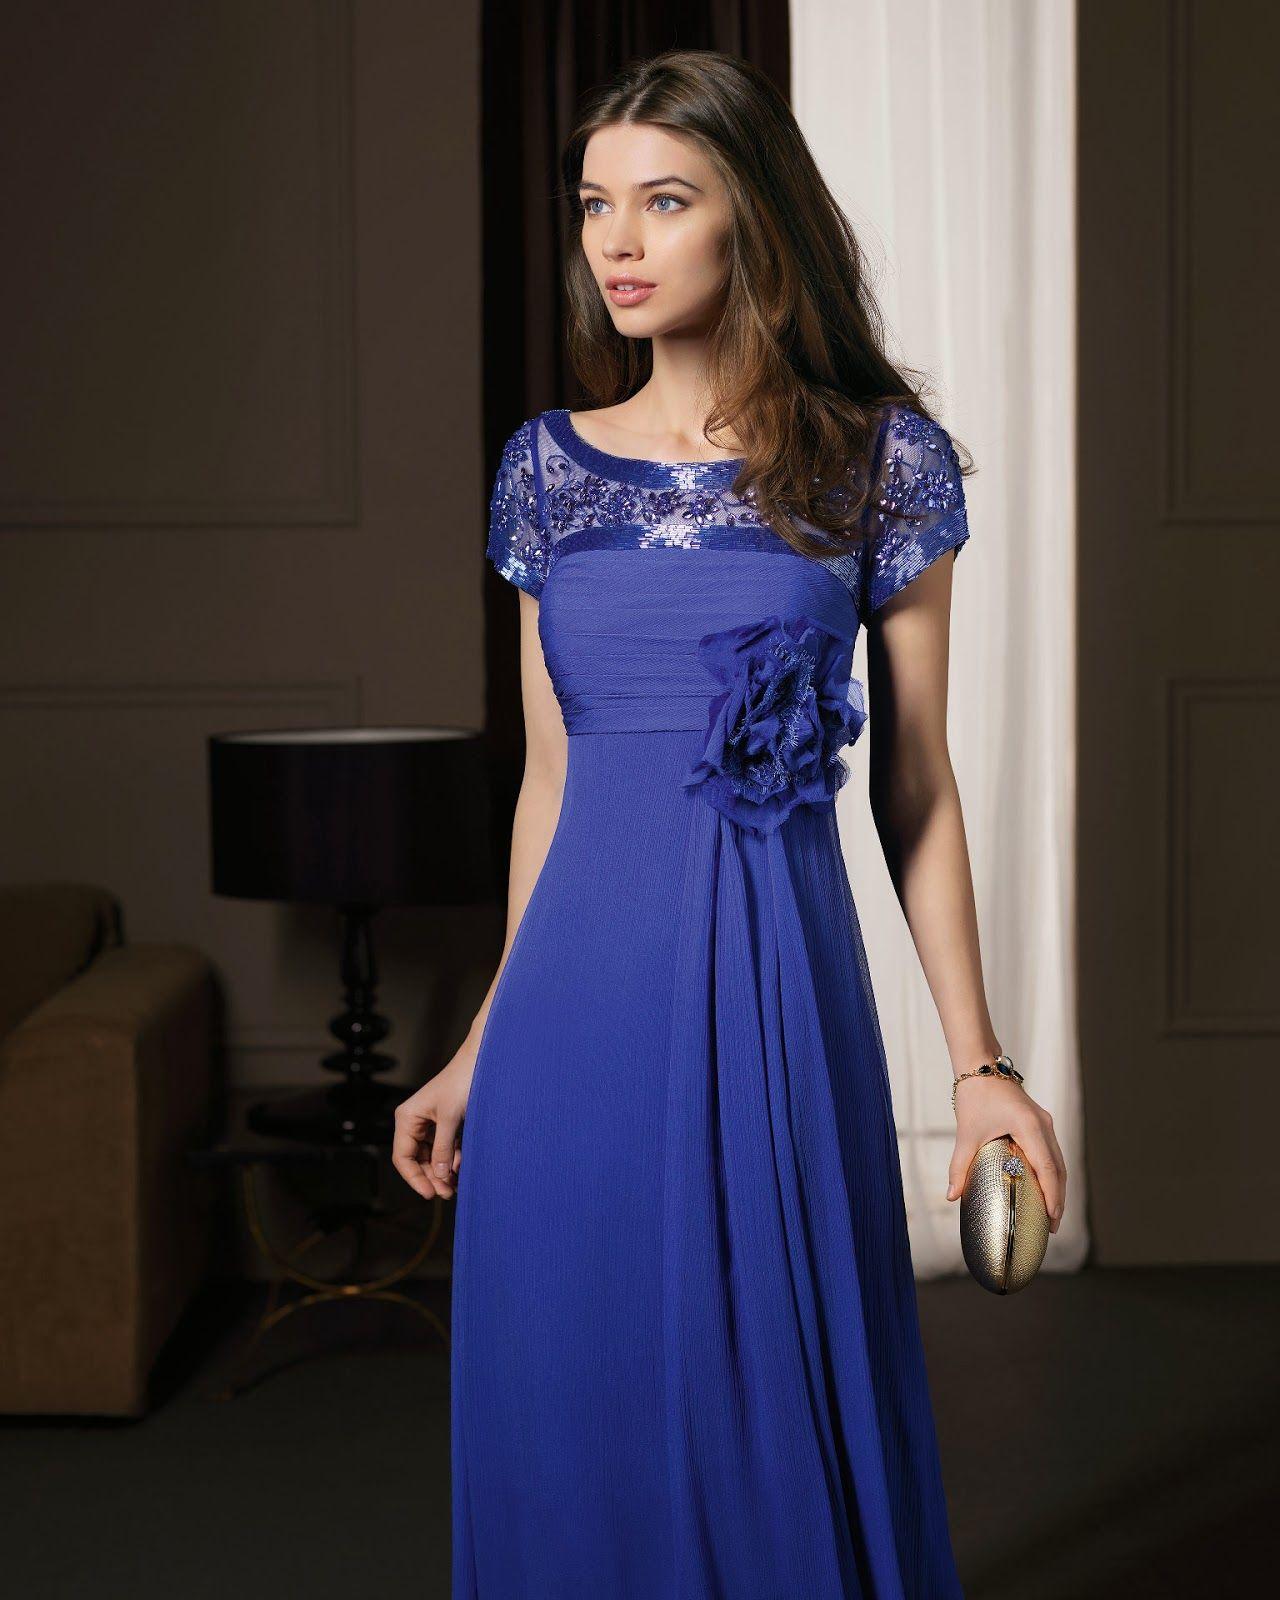 Pin de Jakeline Romero en vestidos de fiesta | Pinterest | Vestidos ...